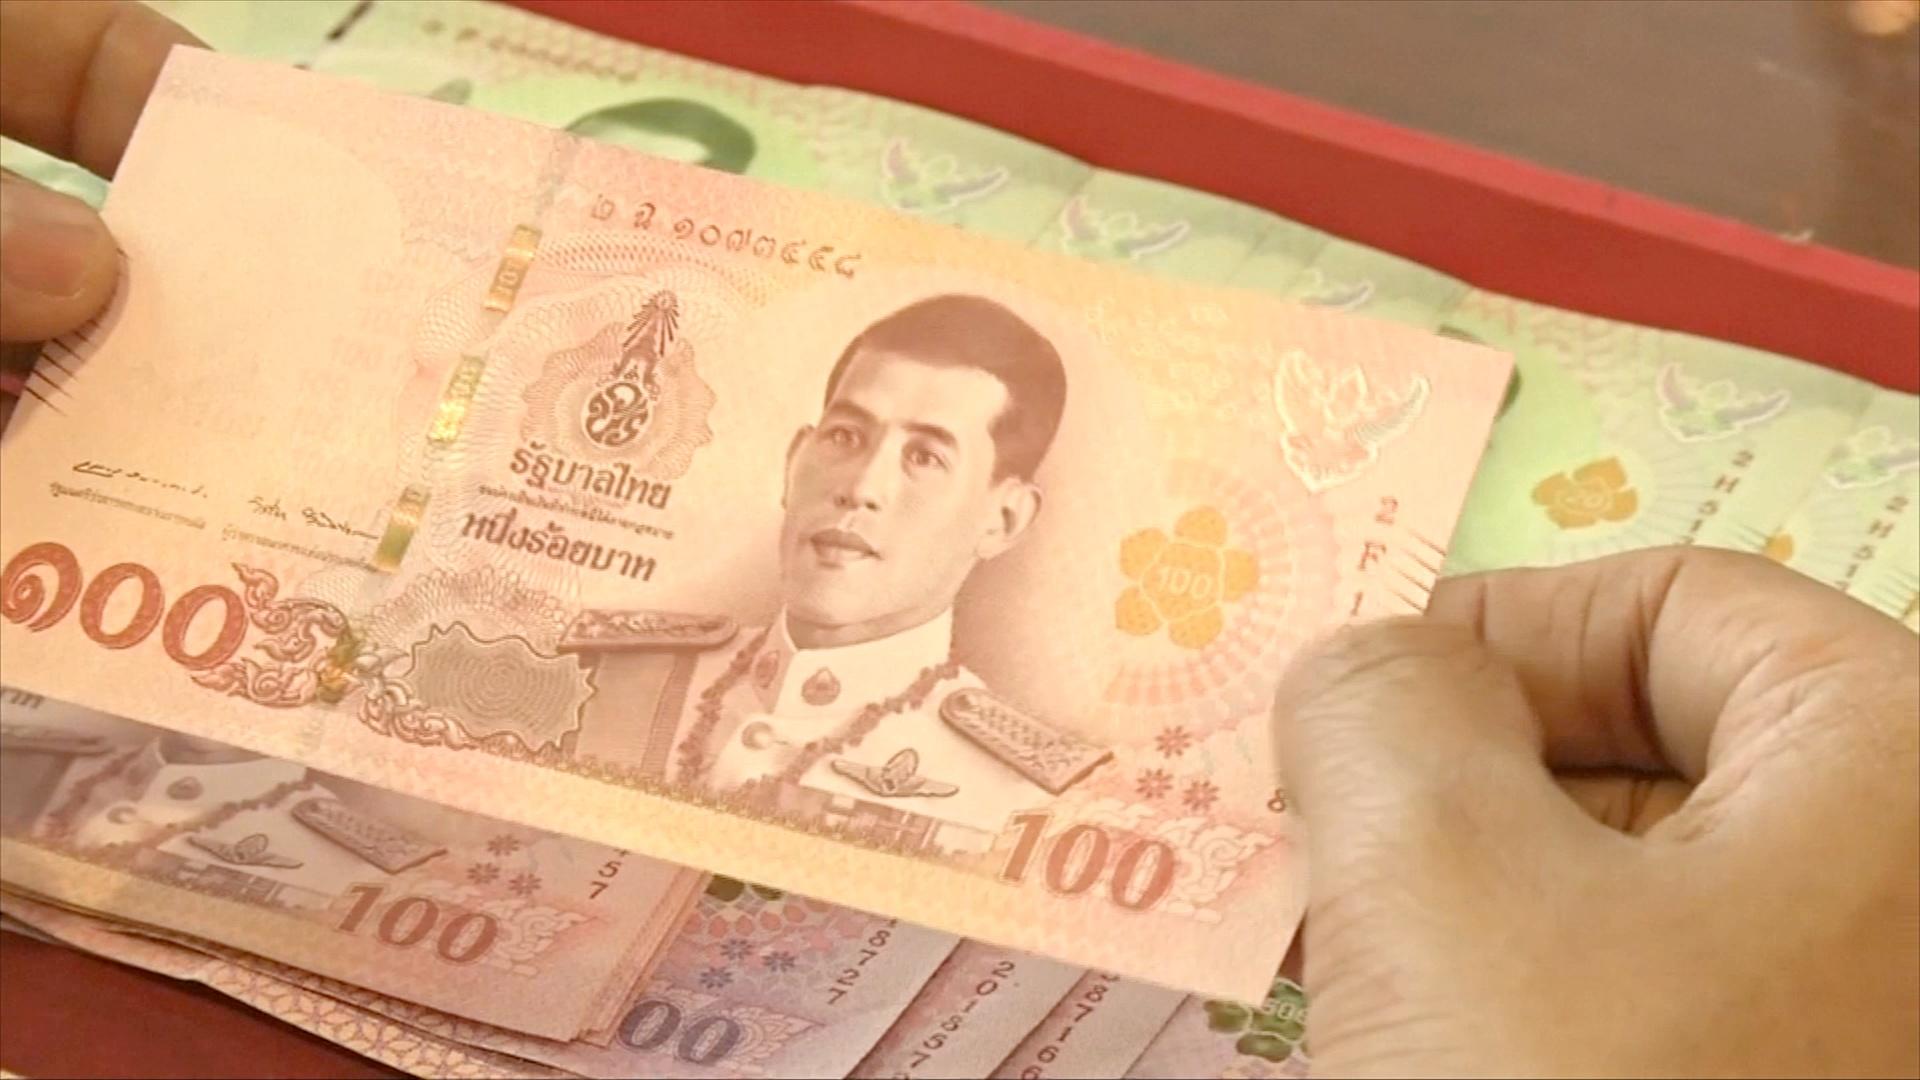 Тайский коллекционер собирает новые банкноты и ждёт коронации